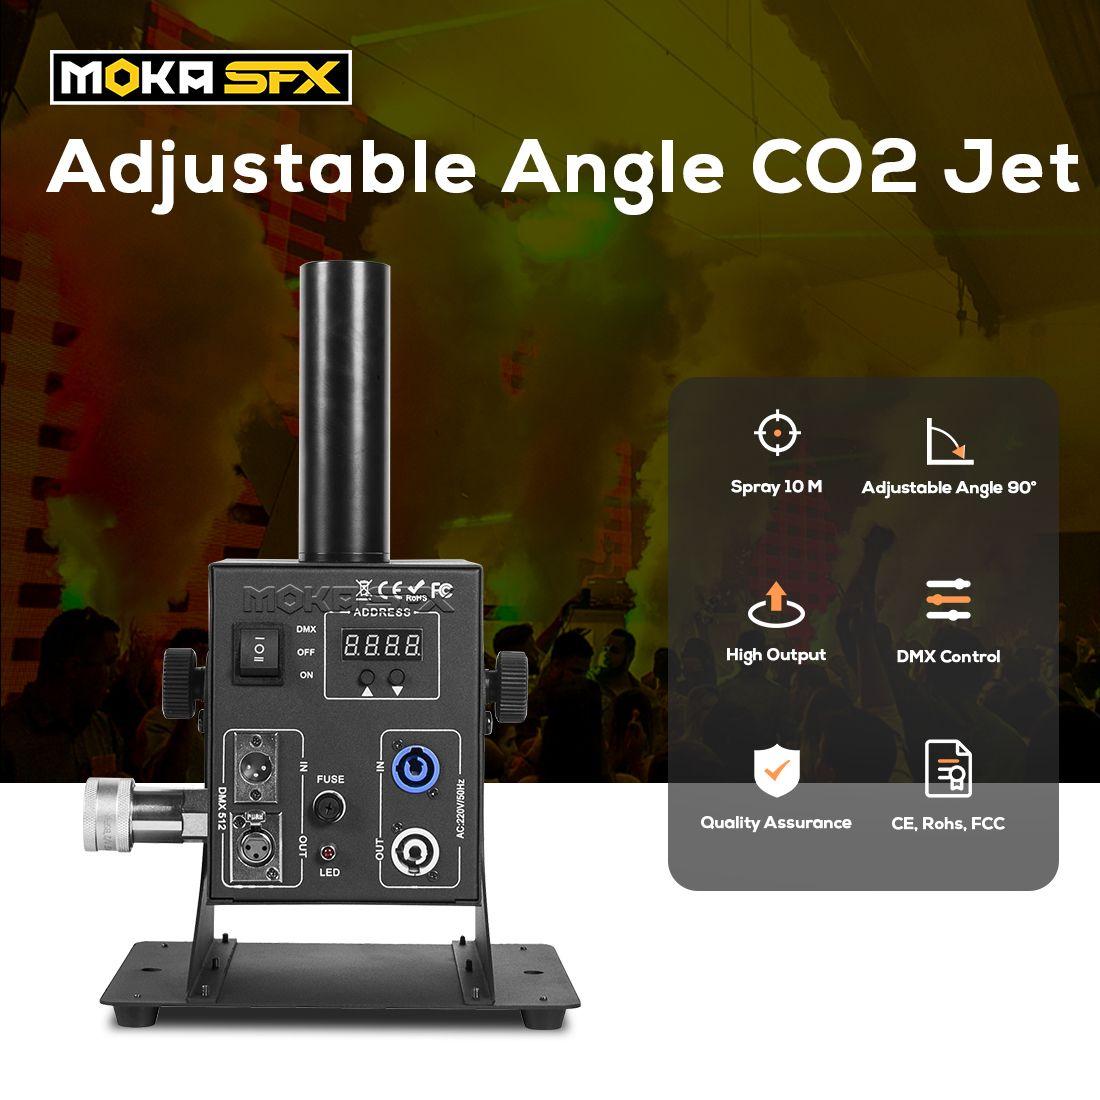 CO2 Cryo Jet Shoot 8-10 mètres Force FX CO2 JET CO2 CO2 CO2 DUMON CONTRÔLE POUR CONCERT DISCO Party Effets spéciaux